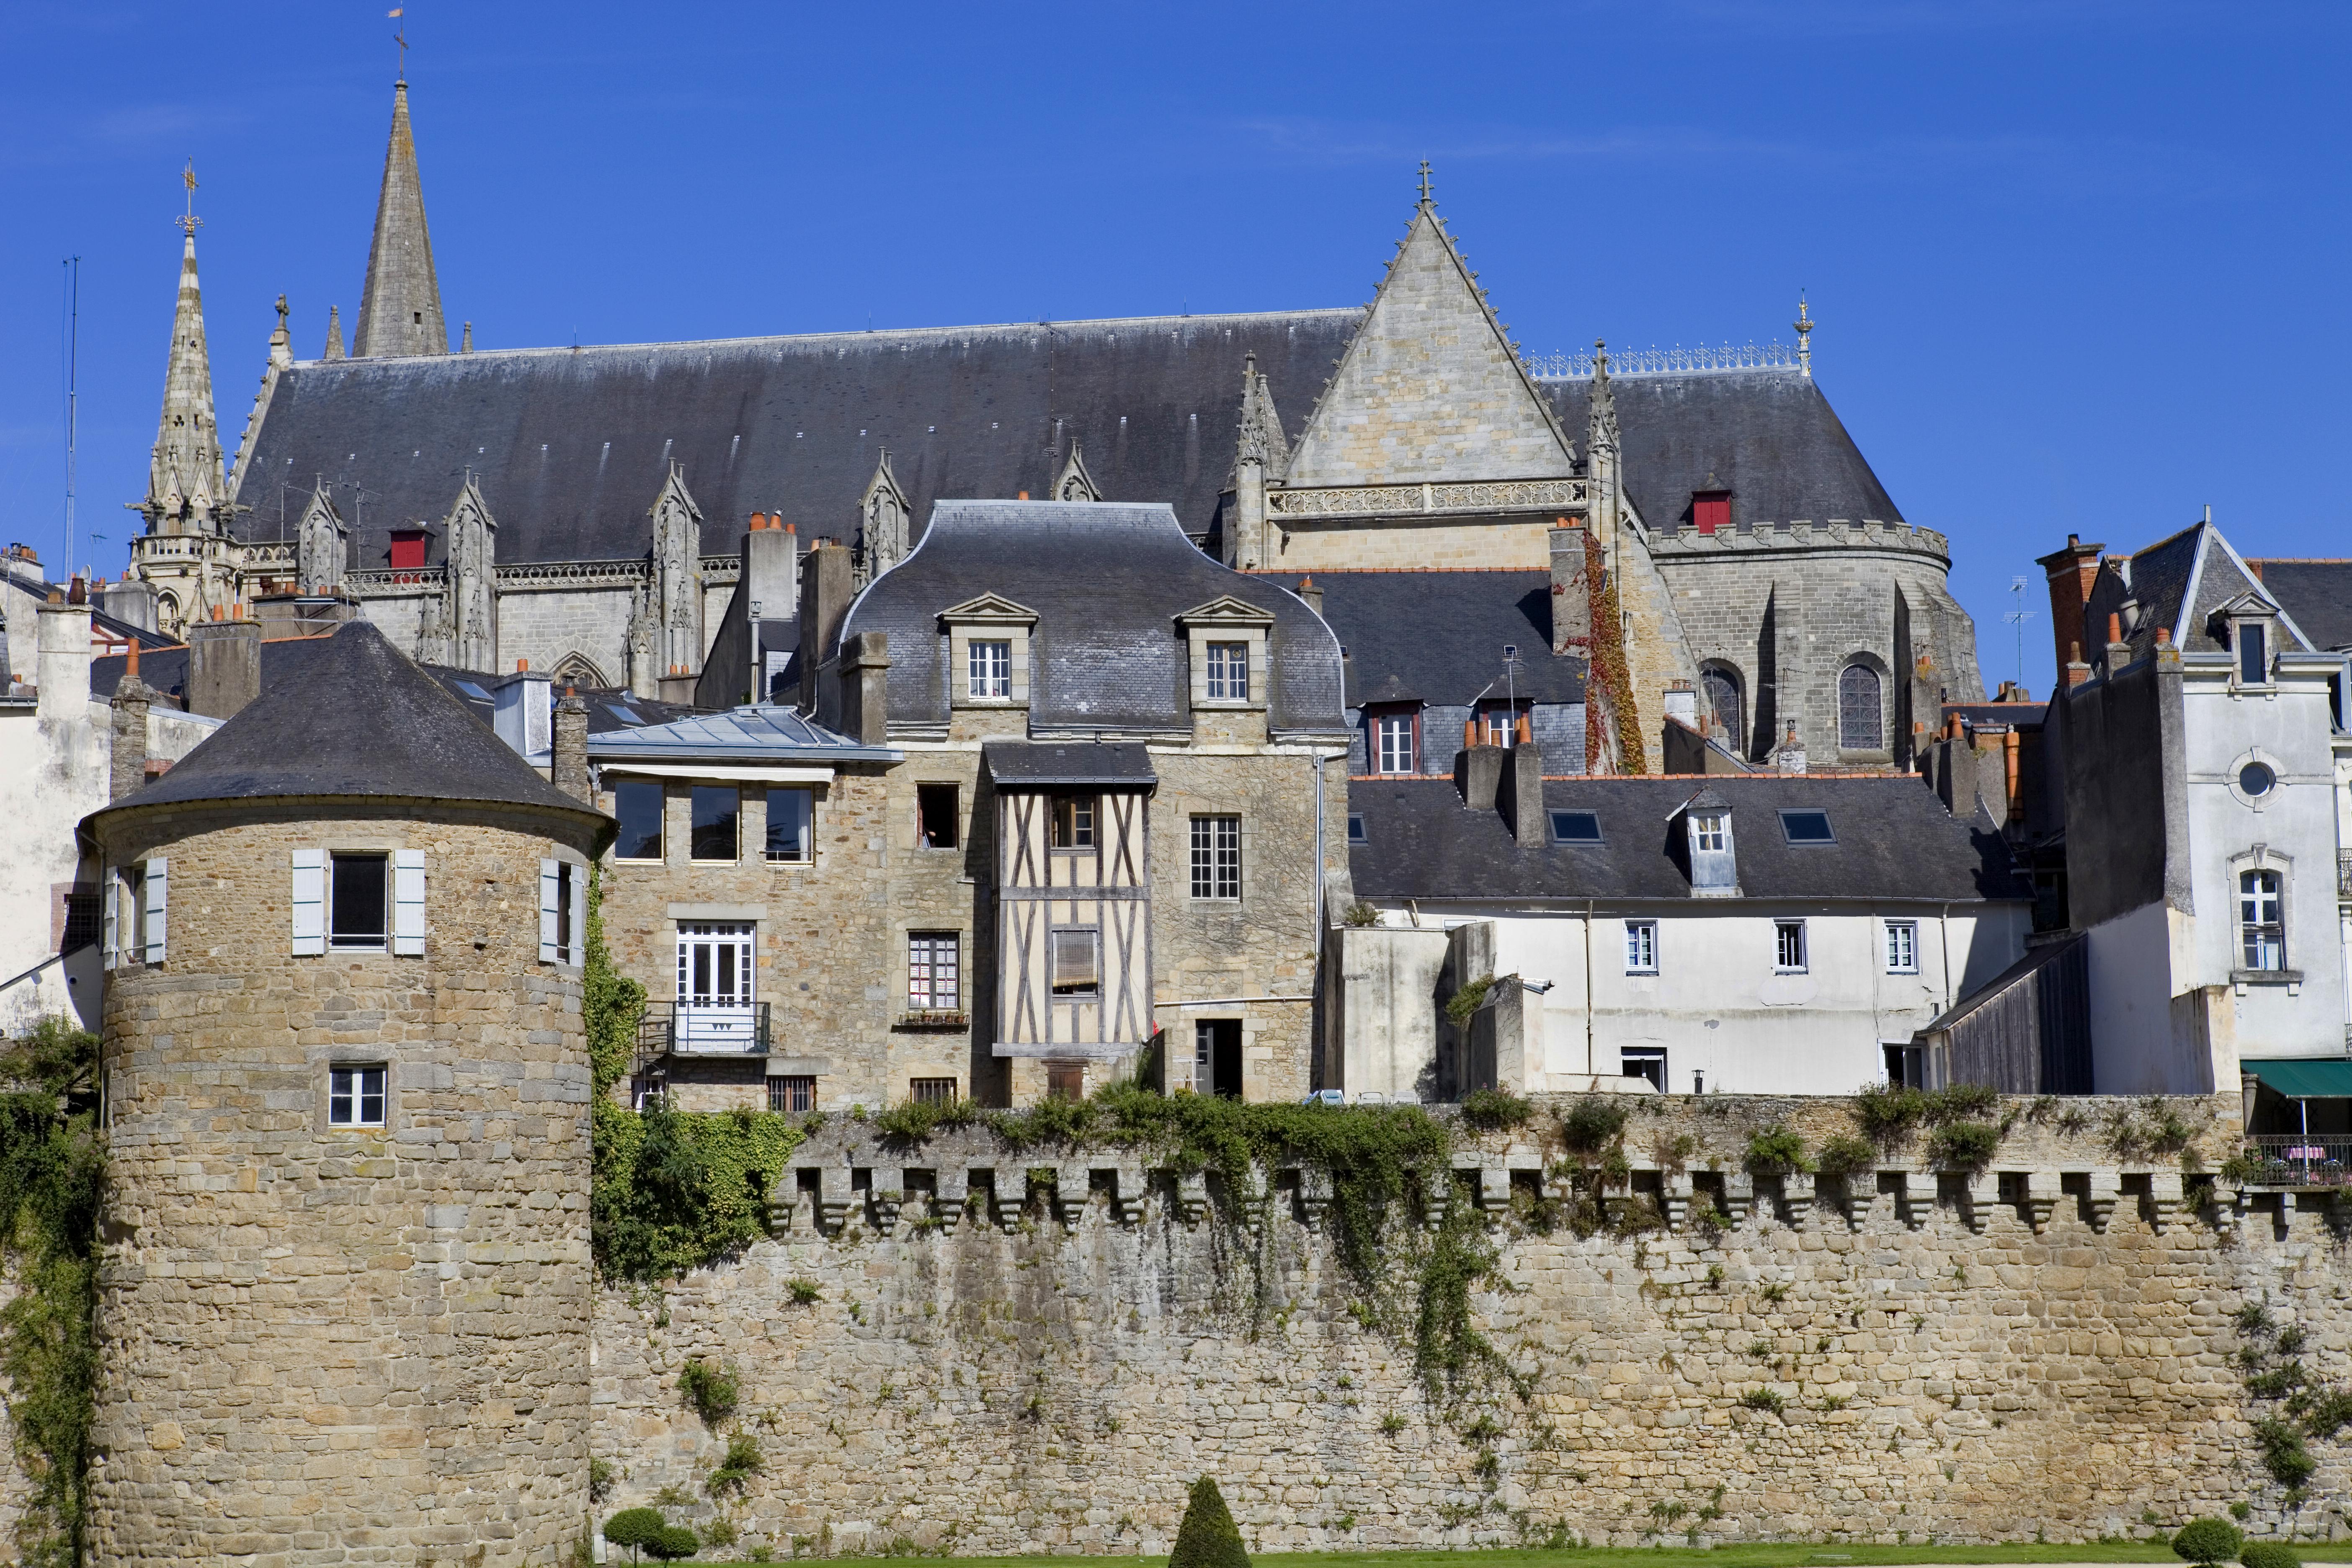 Le Ker, un recorrido histórico en Vannes - Francia Circuito Gran Tour de Normandía y Bretaña